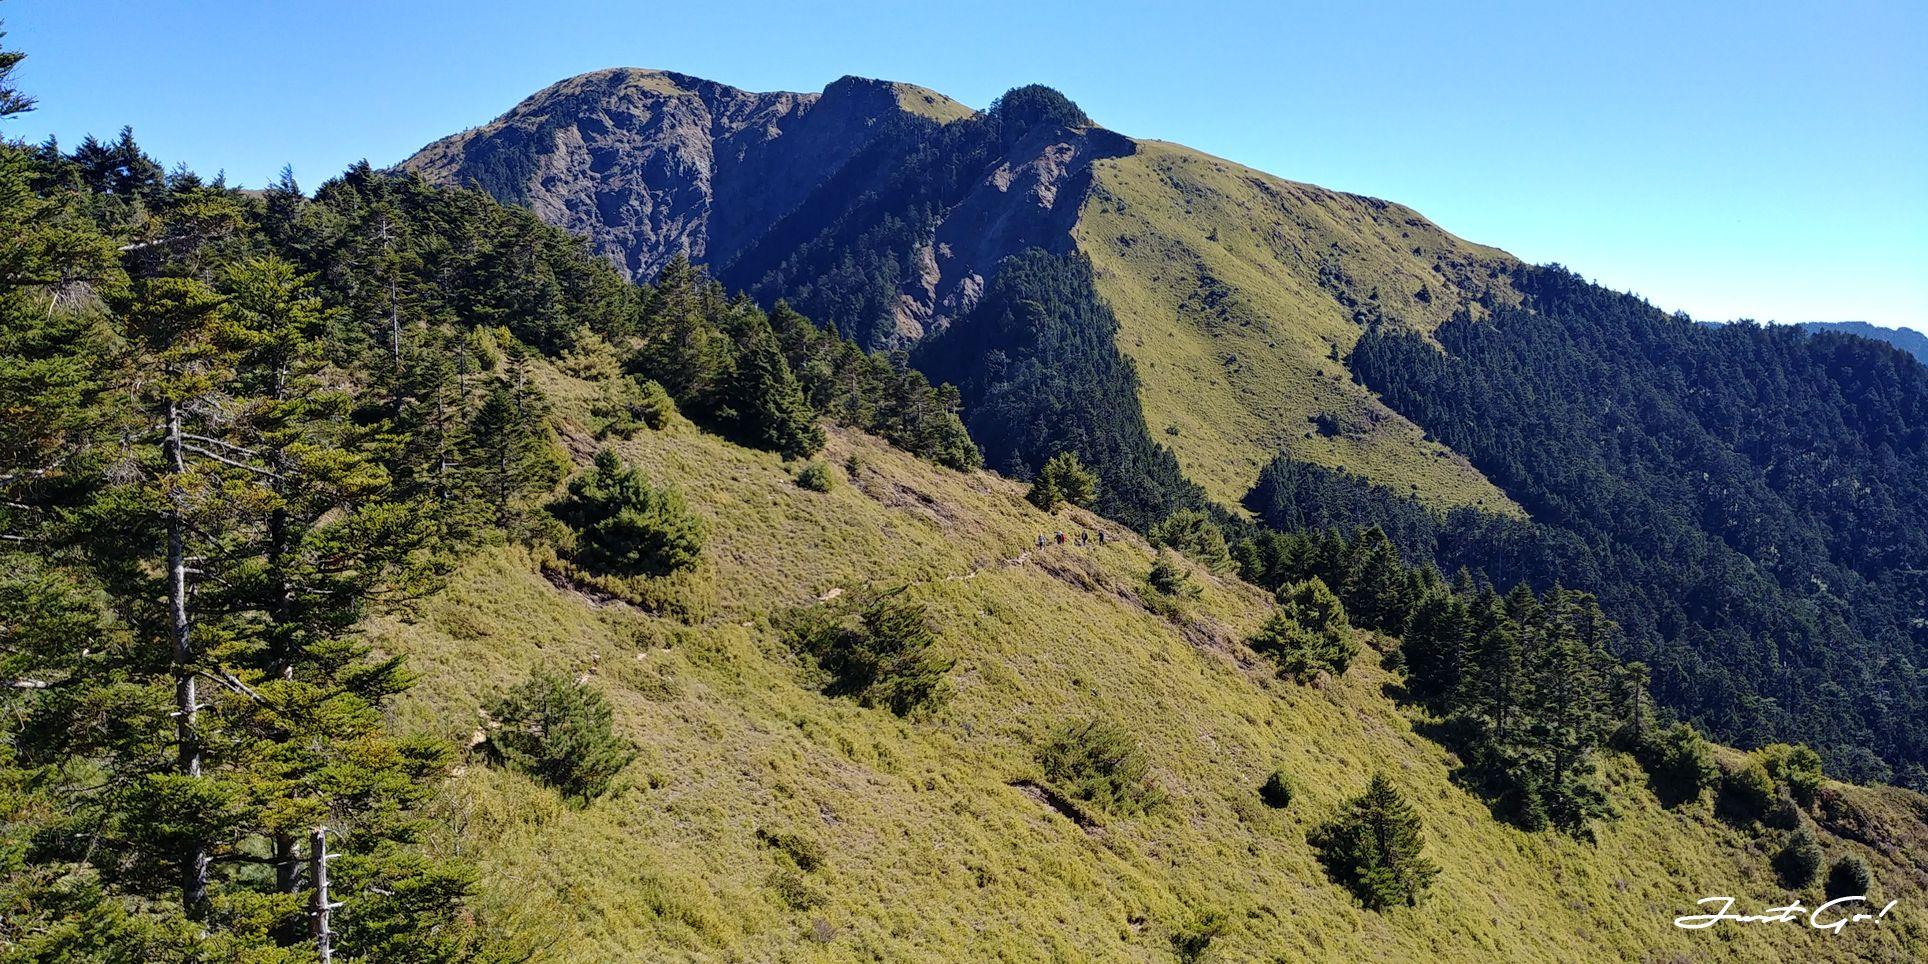 一日百岳·9小時單攻合歡西峰北峰-地圖gpx、行程規劃、申請、登山口25